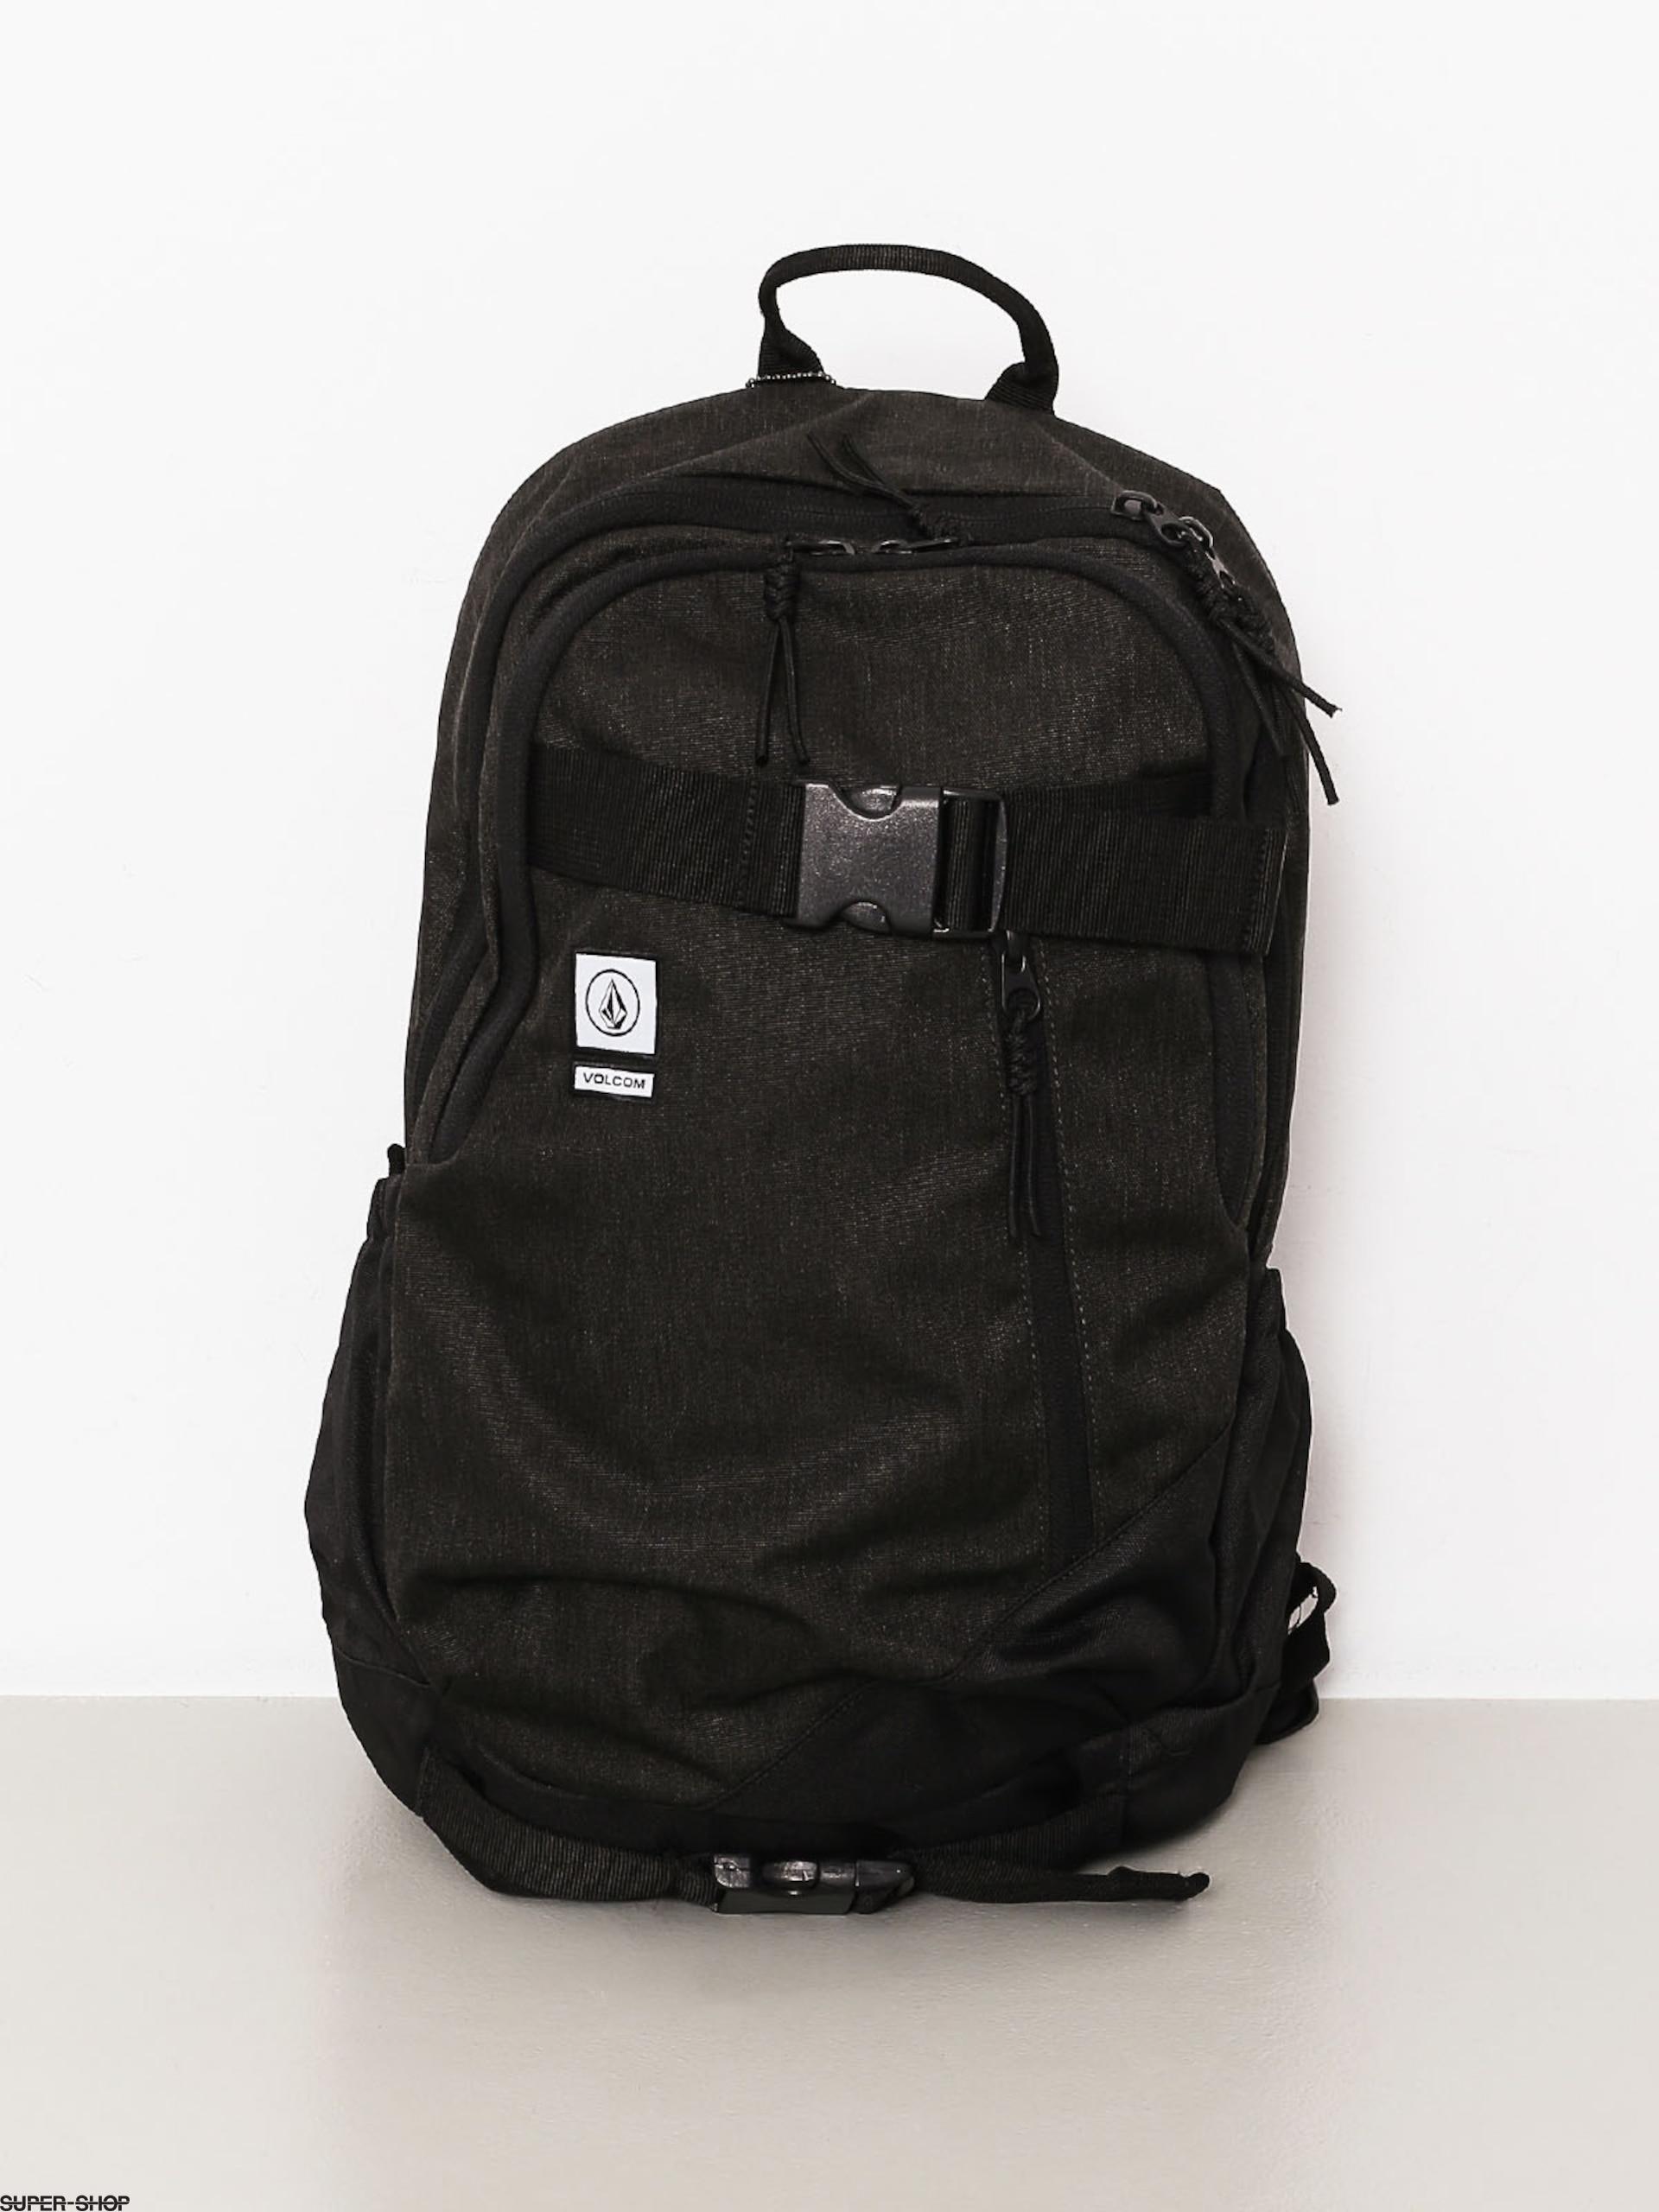 0fa47edbf 1010445-w1920-volcom-substrate-backpack-nbk.jpg